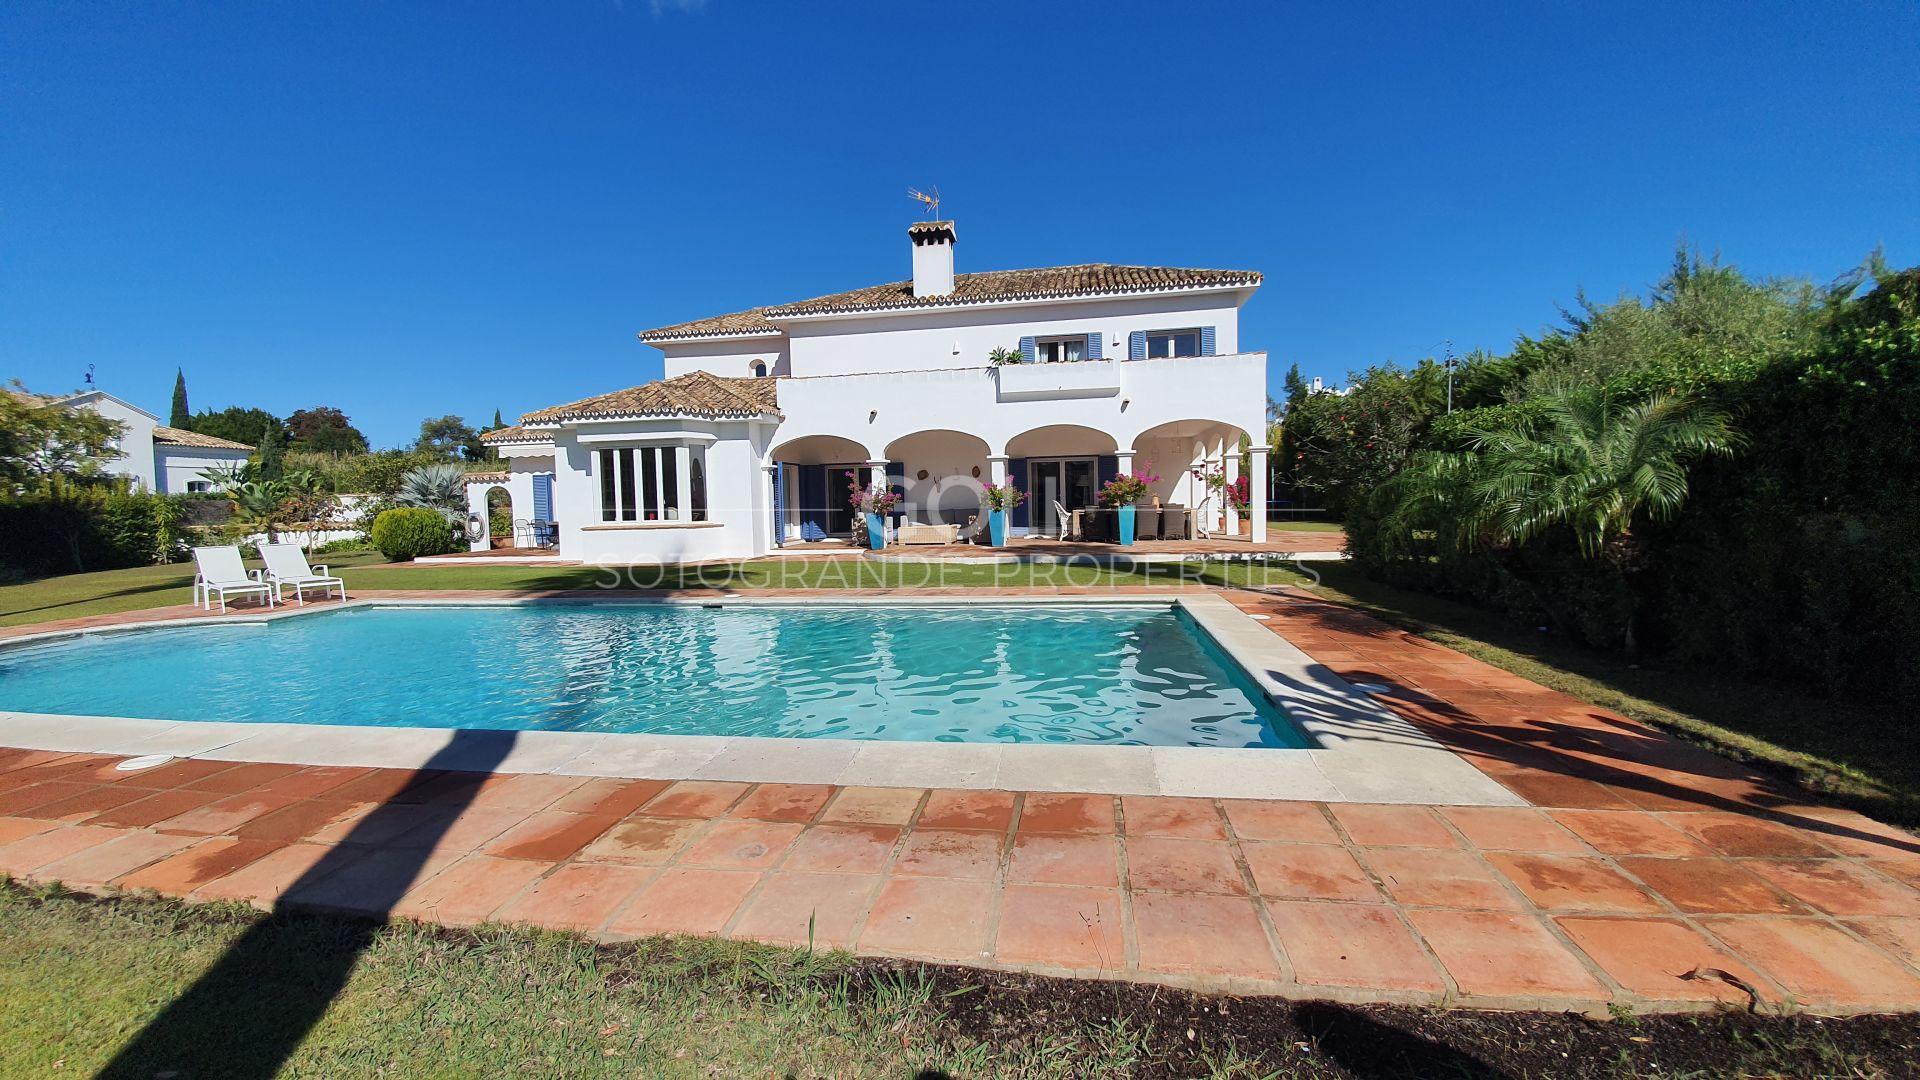 Villa de estilo andaluz en el prestigioso Kings & Queens, Sotogrande Bajo